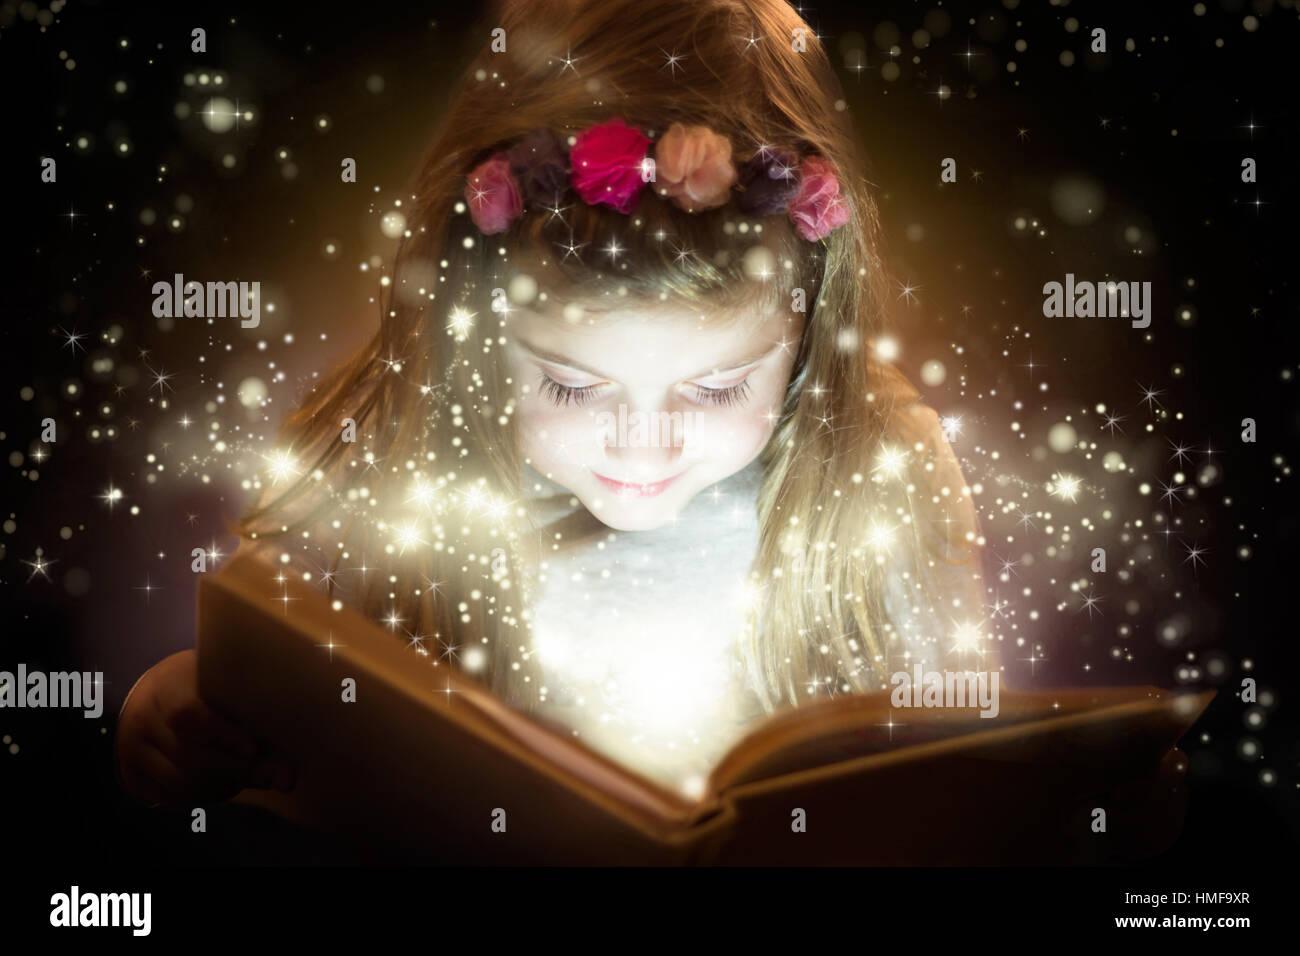 Bellissima bambina la lettura di libro magico, il concetto di fantasia Immagini Stock